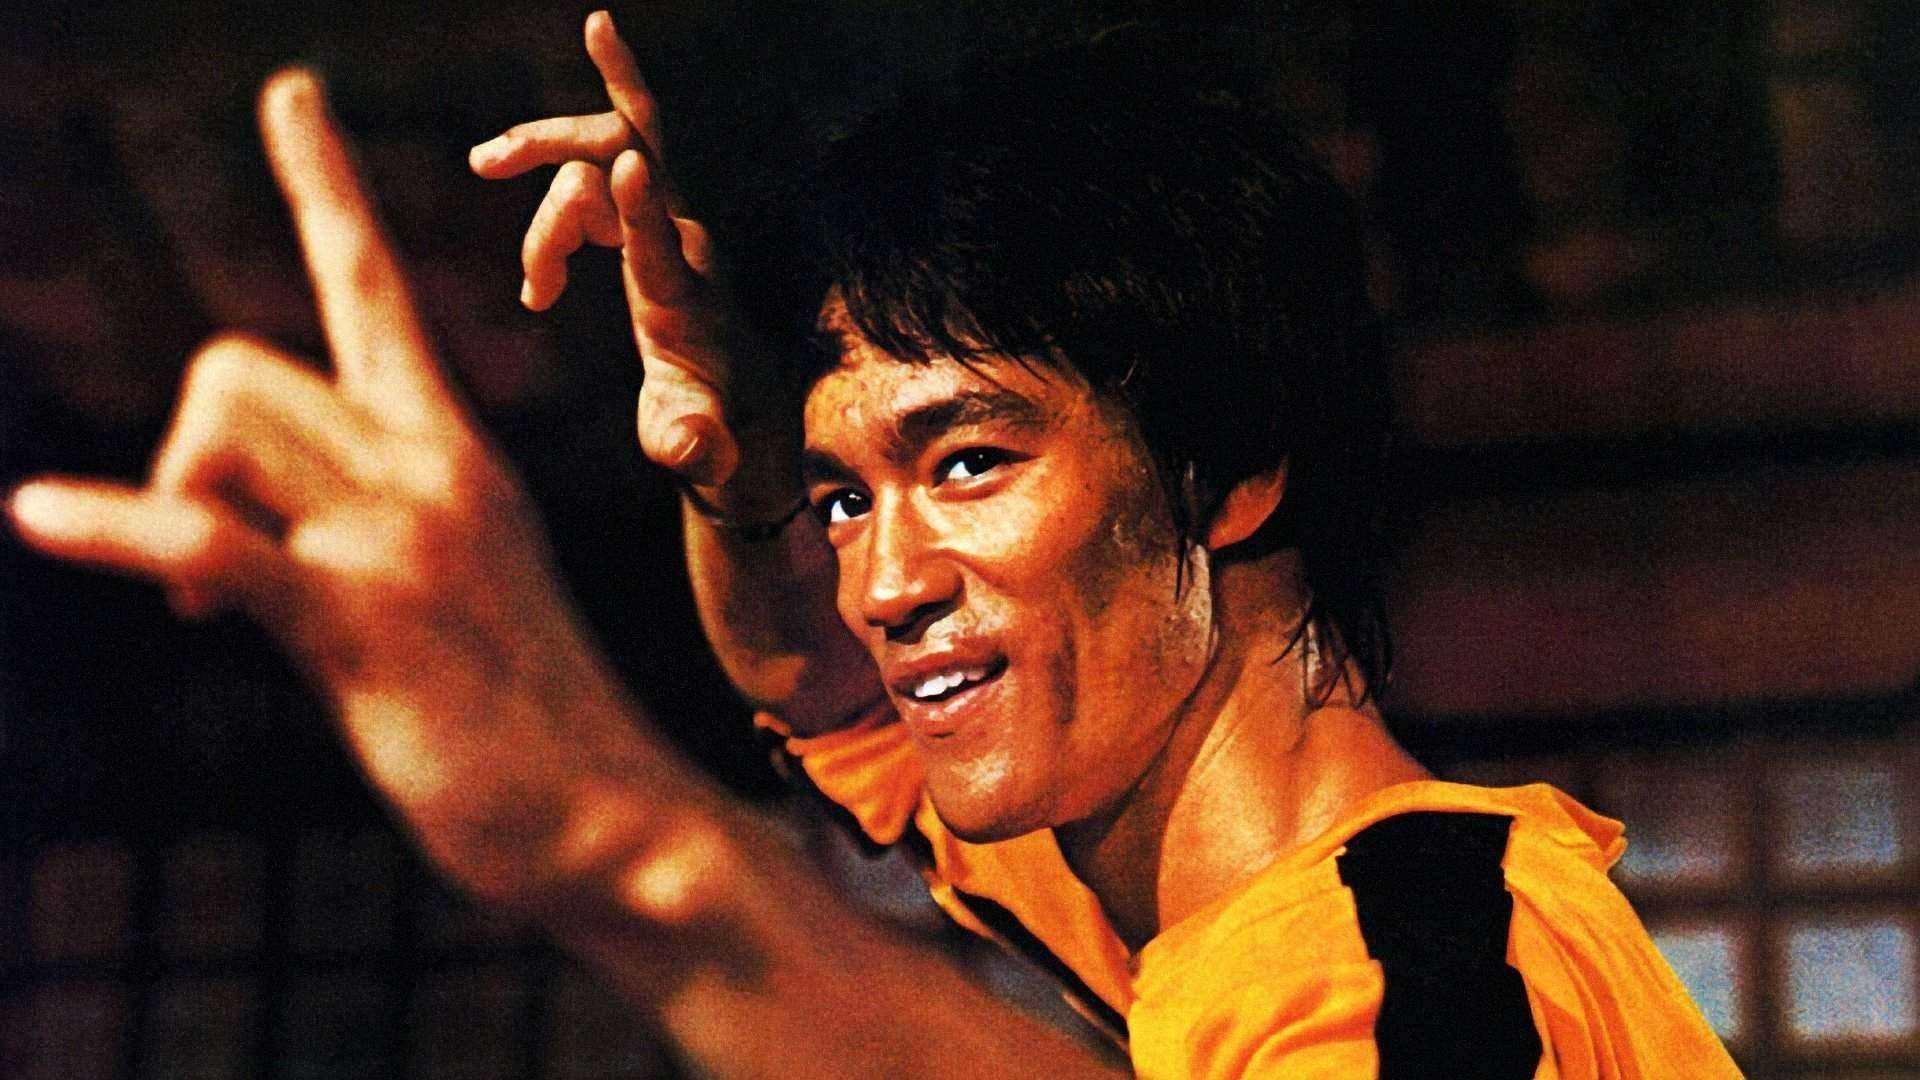 愤怒 这部电影刻意丑化李小龙,美国上映3天竟获4千万美元票房